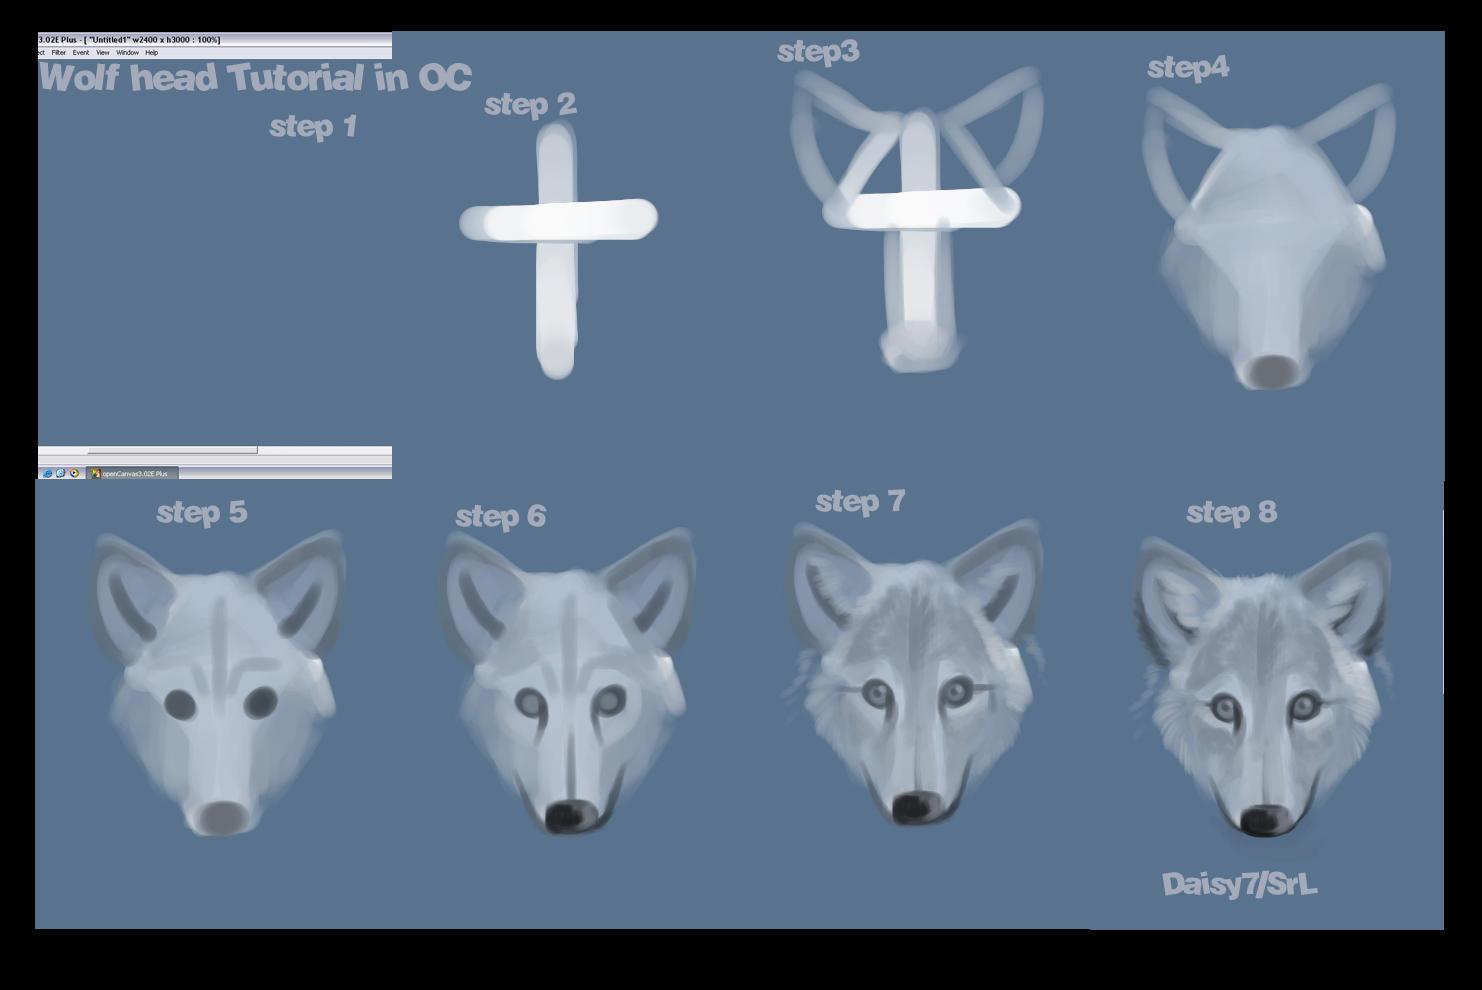 Wolf head tutorial by daisy7